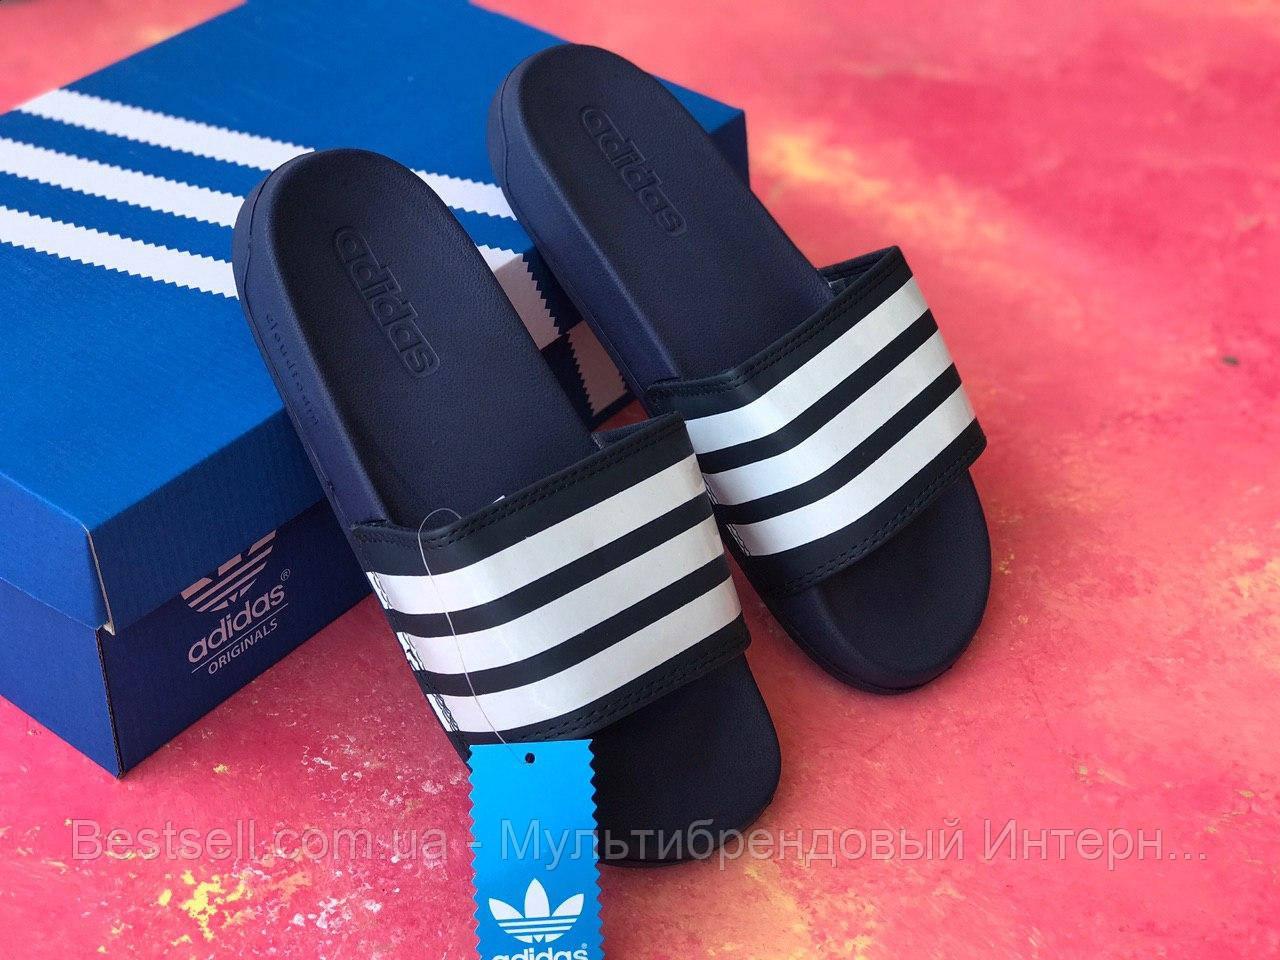 Шлепанцы мужские синие Adidas / Сланцы / шлепки / адидас / темно-синие